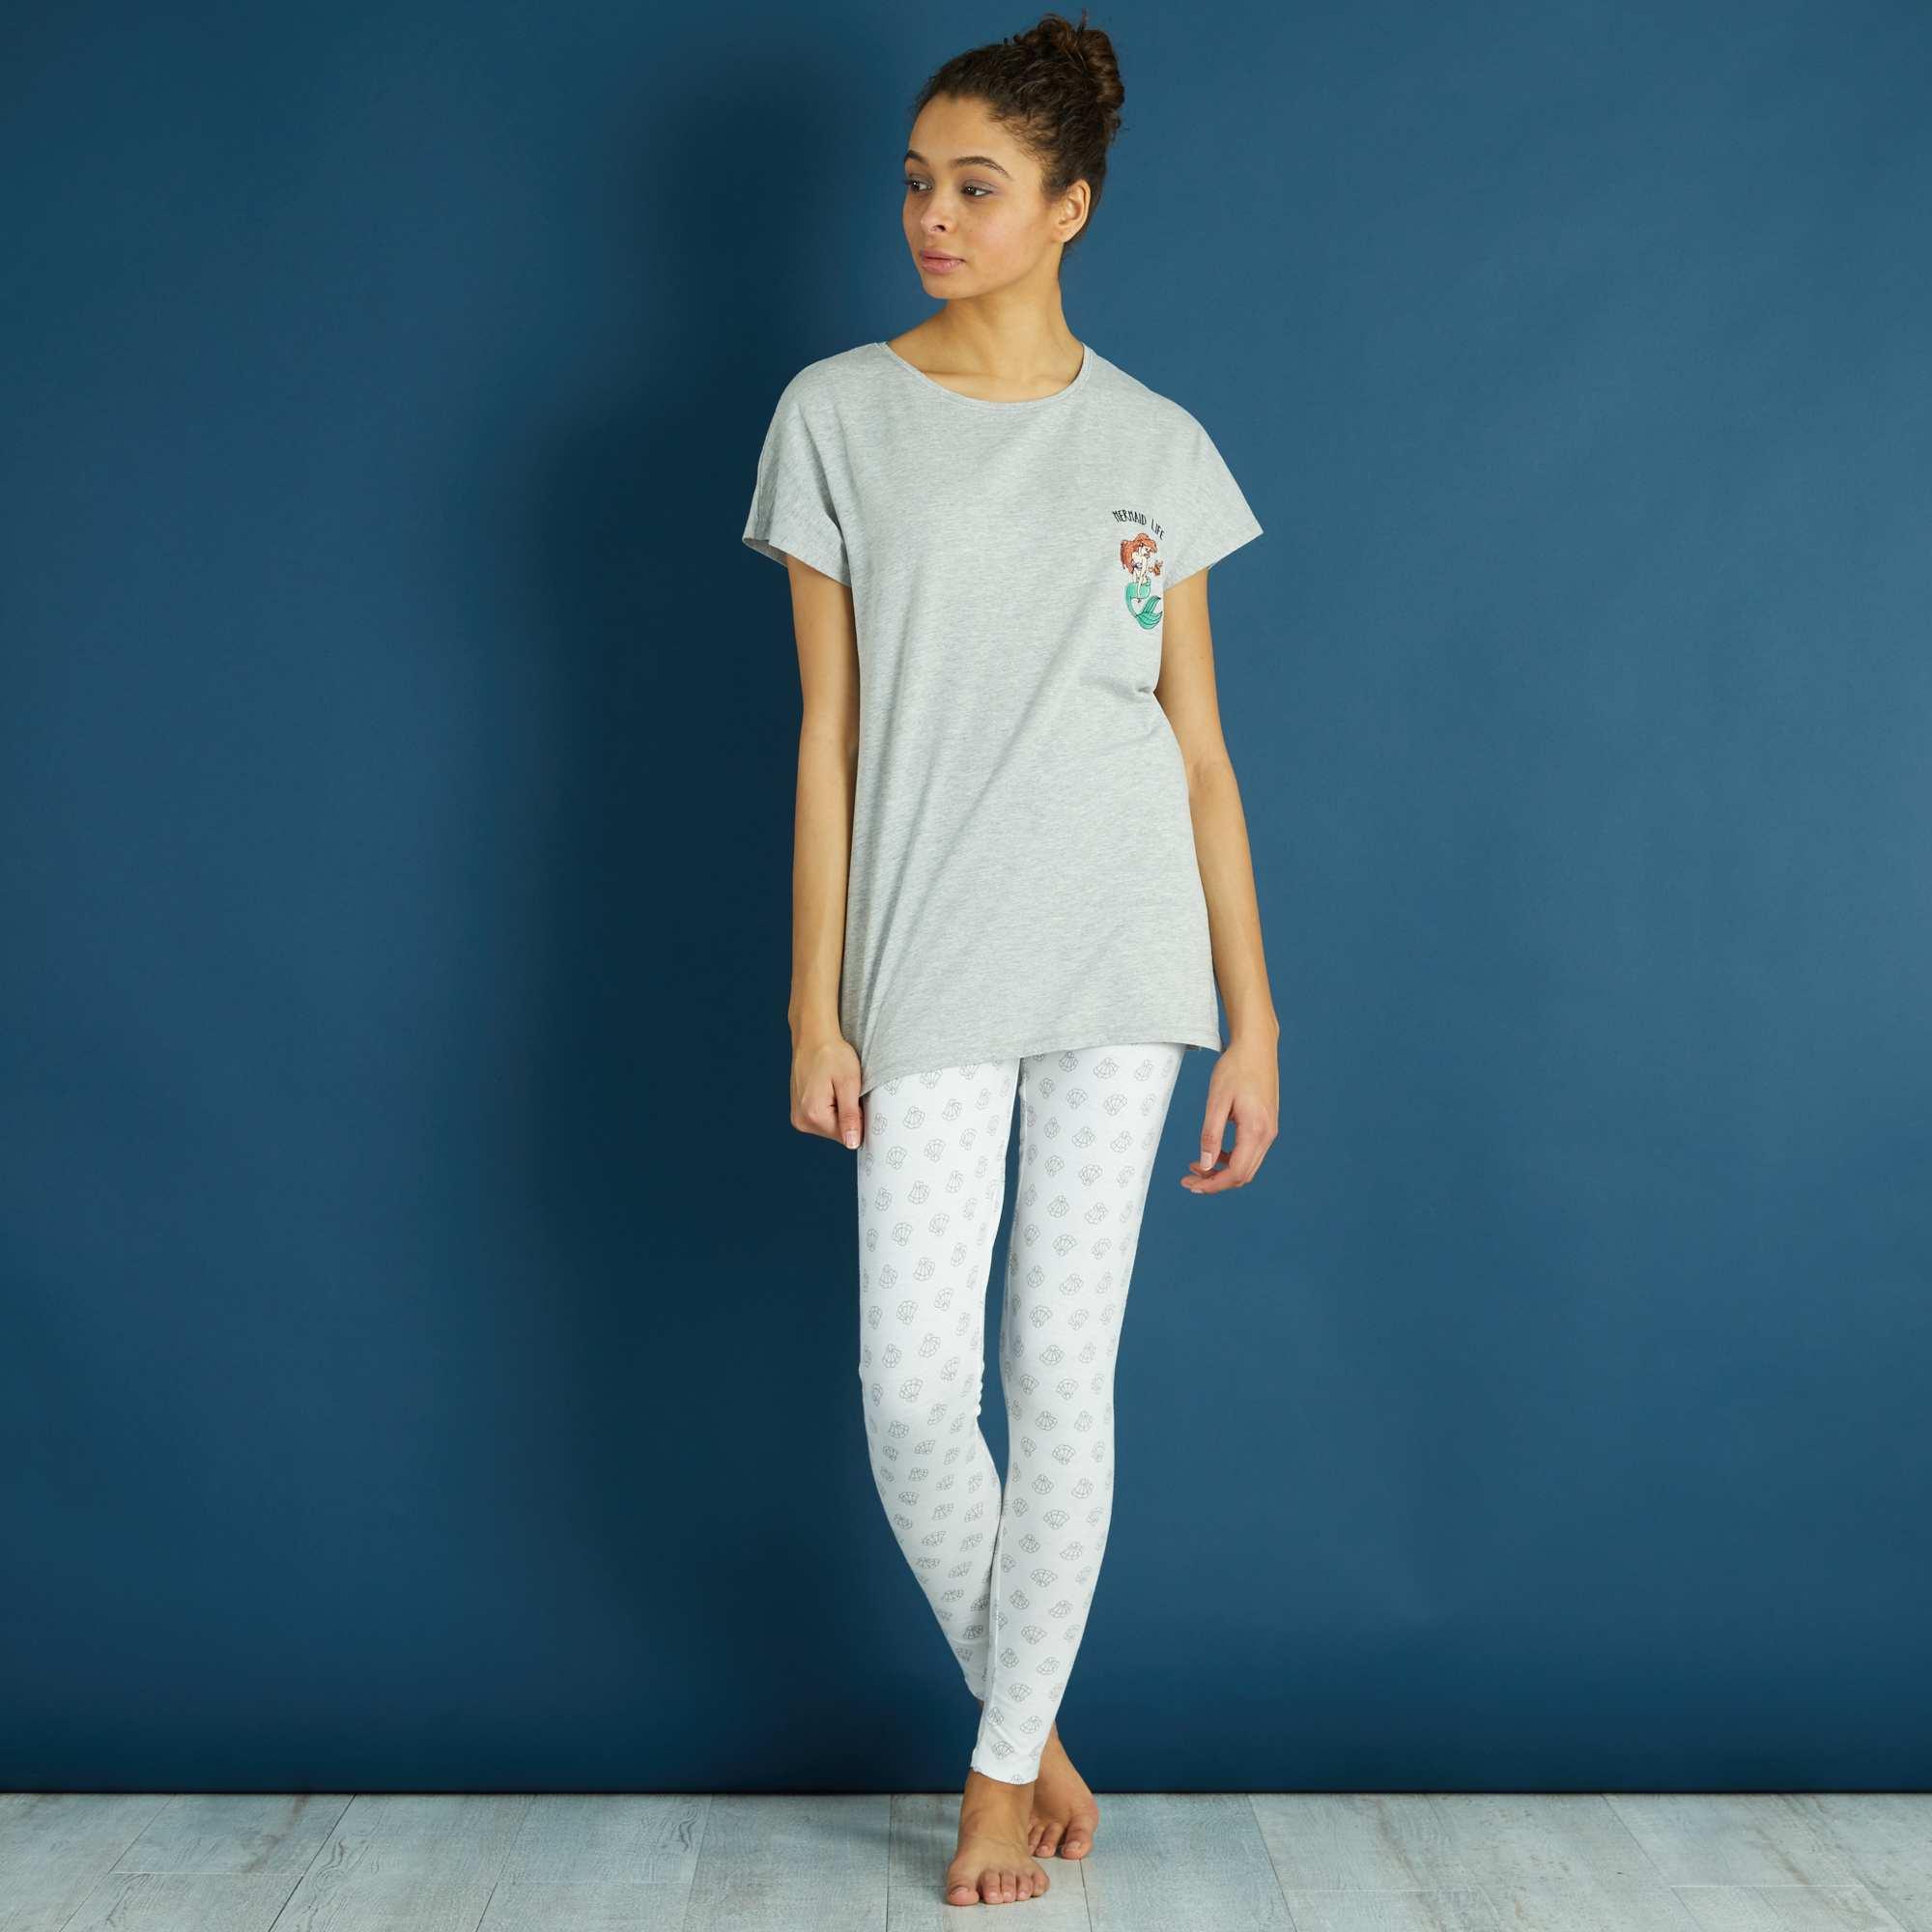 Couleur : gris/blanc, gris/blanc imprimé, ,, - Taille : S, L, XL,M,XXLTous fans de 'La Petite Sirène' ! - Pyjama long 'Disney' - Haut forme T-shirt en pur